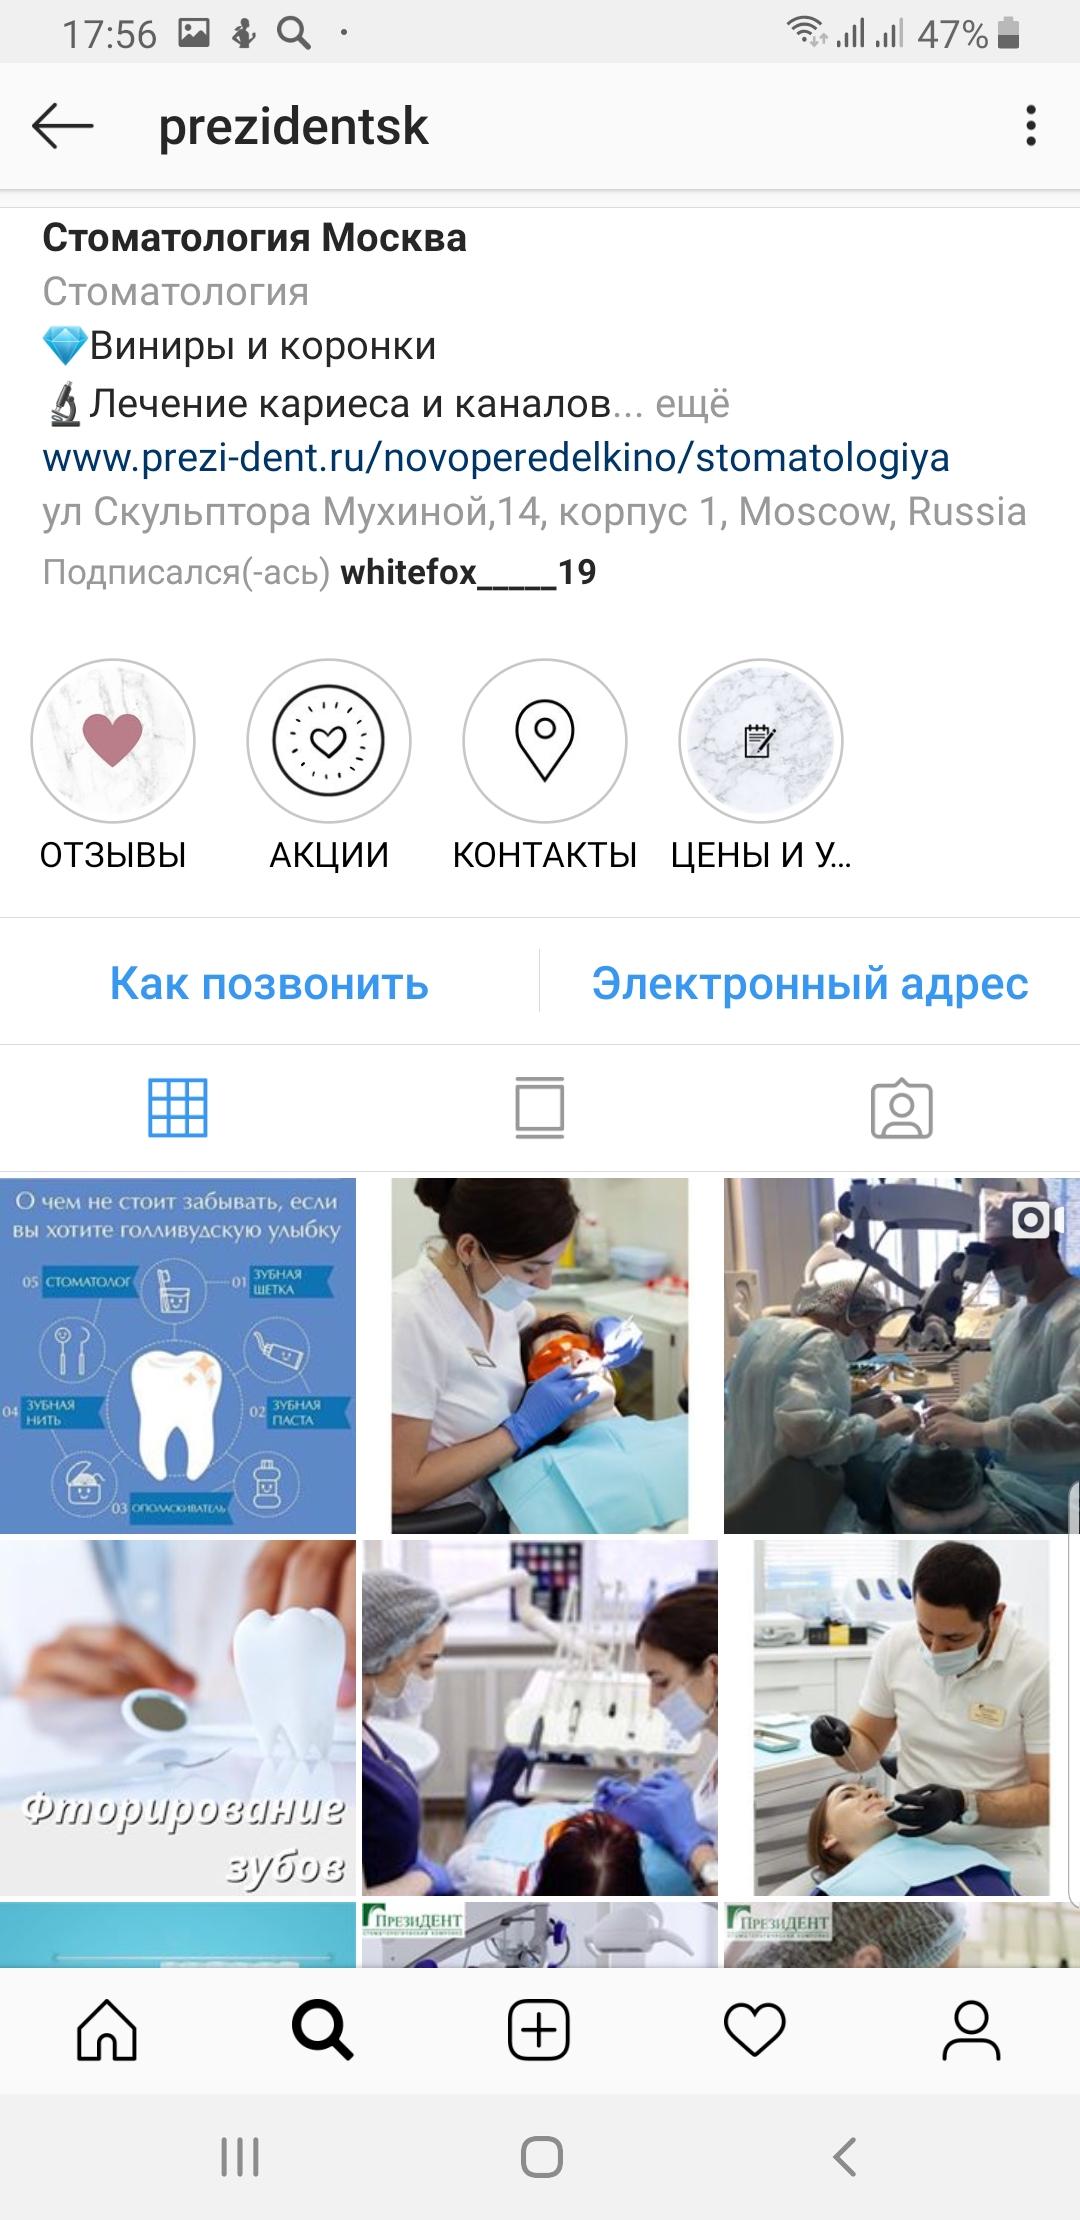 Продвижение в Инстаграм для стоматологической клиники